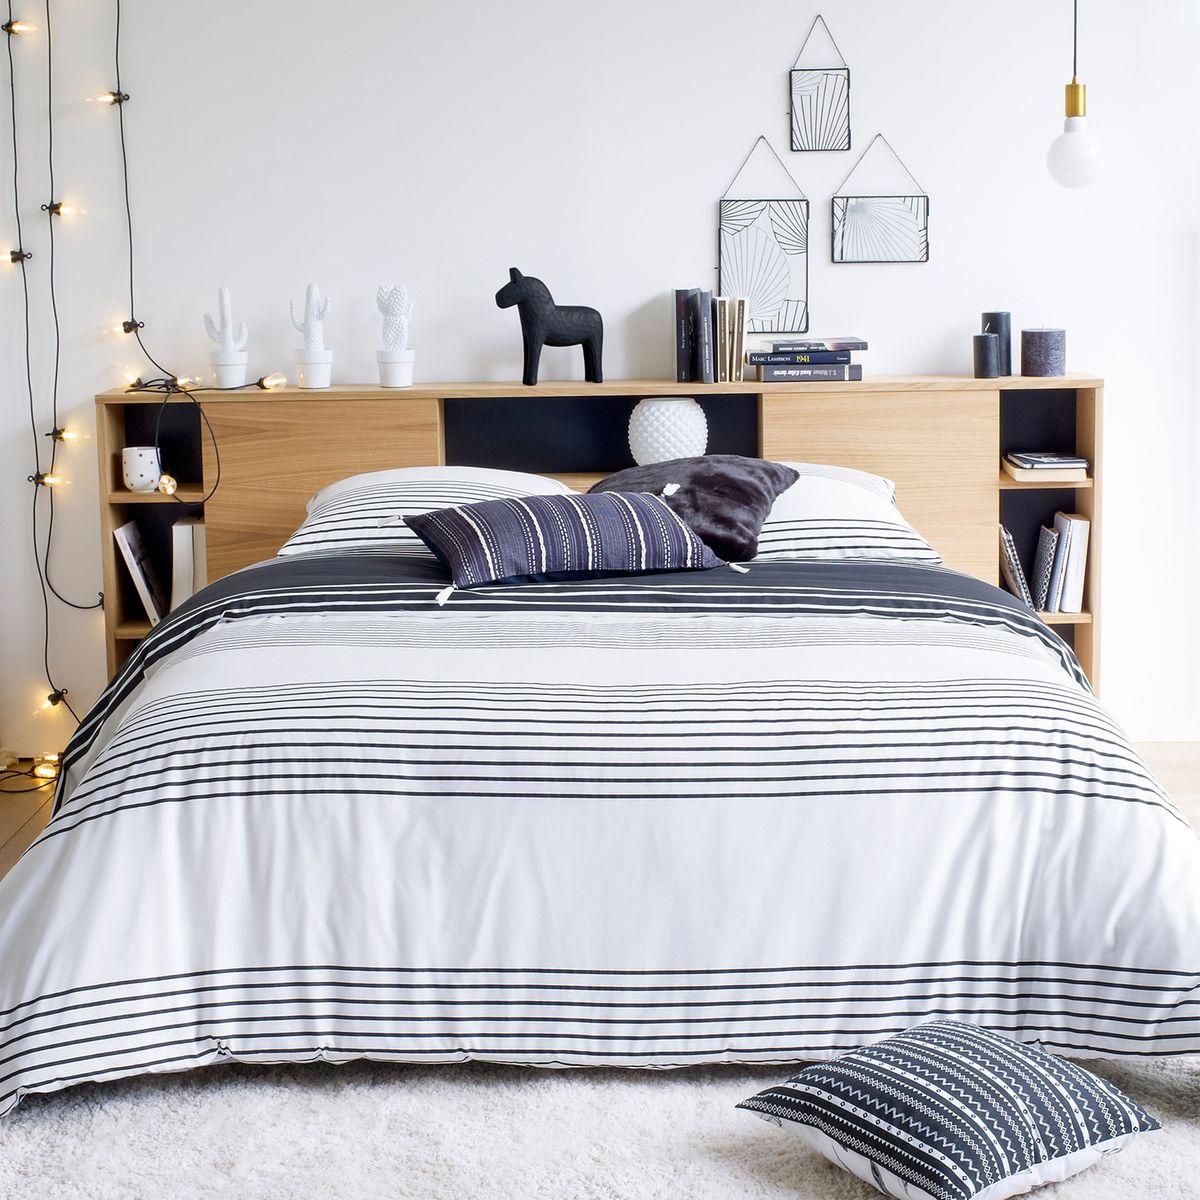 chambre ado garçon fille thème style scandinave bleu marine blanc bois